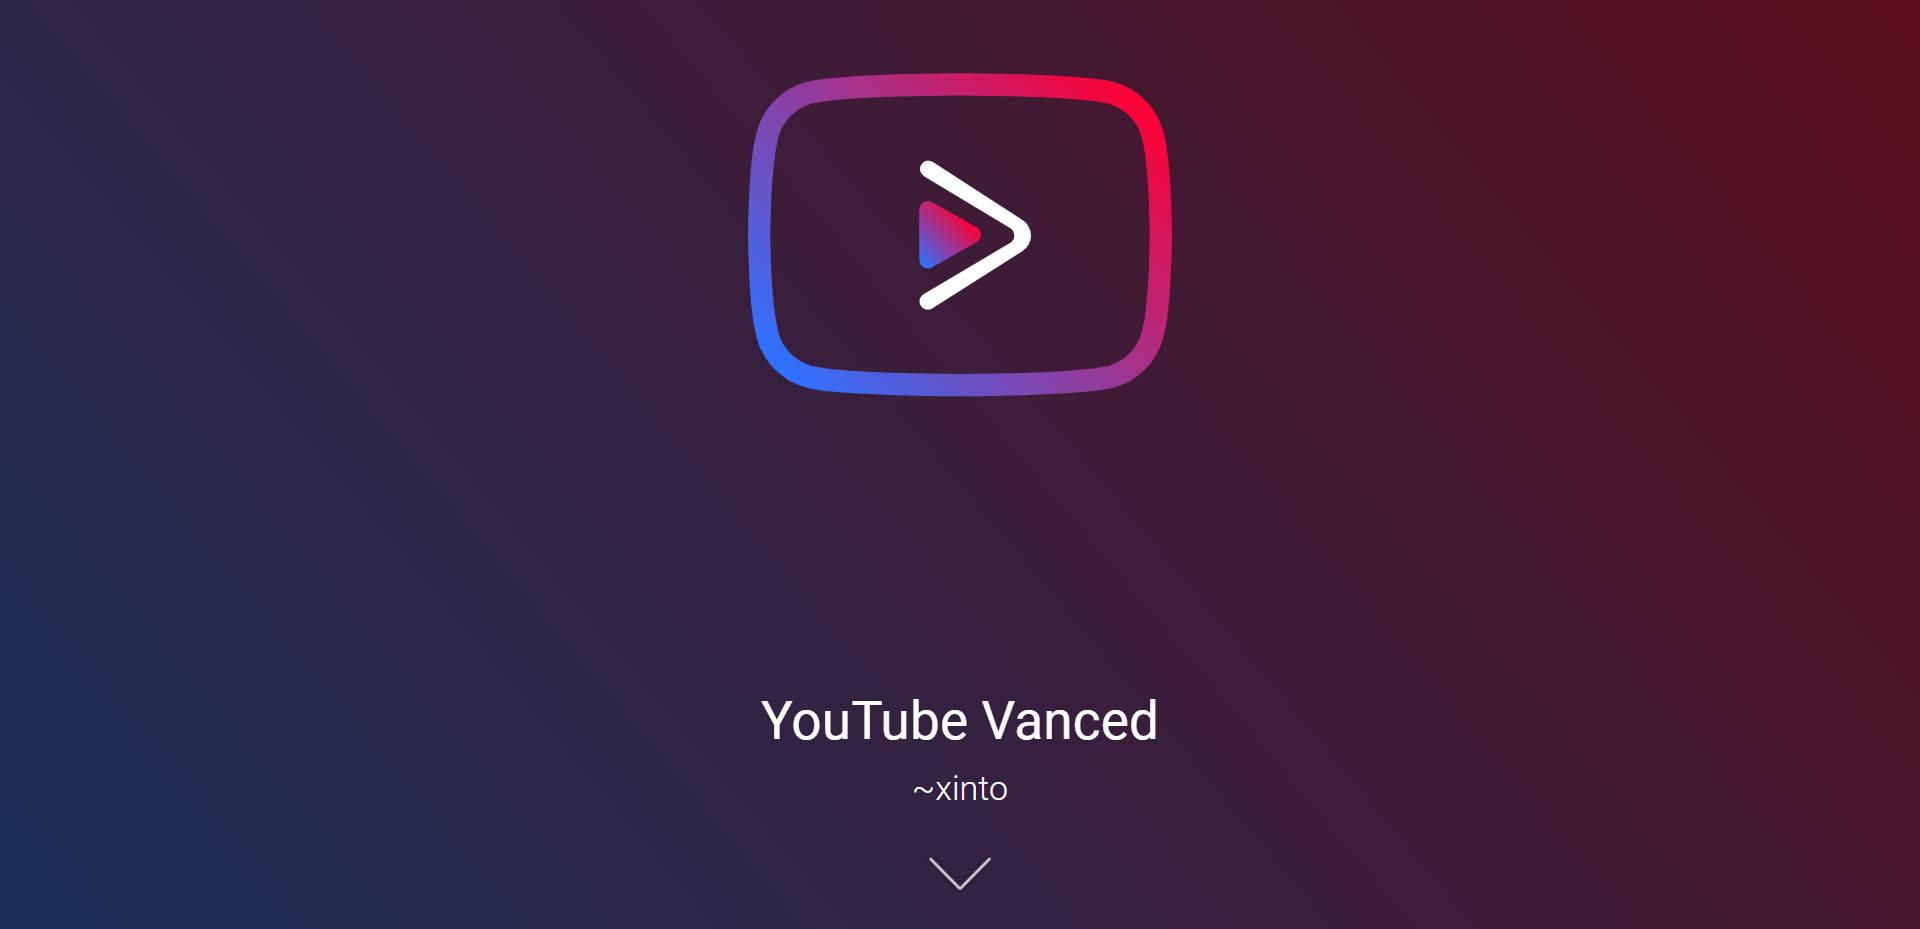 YouTube Vanced Intro